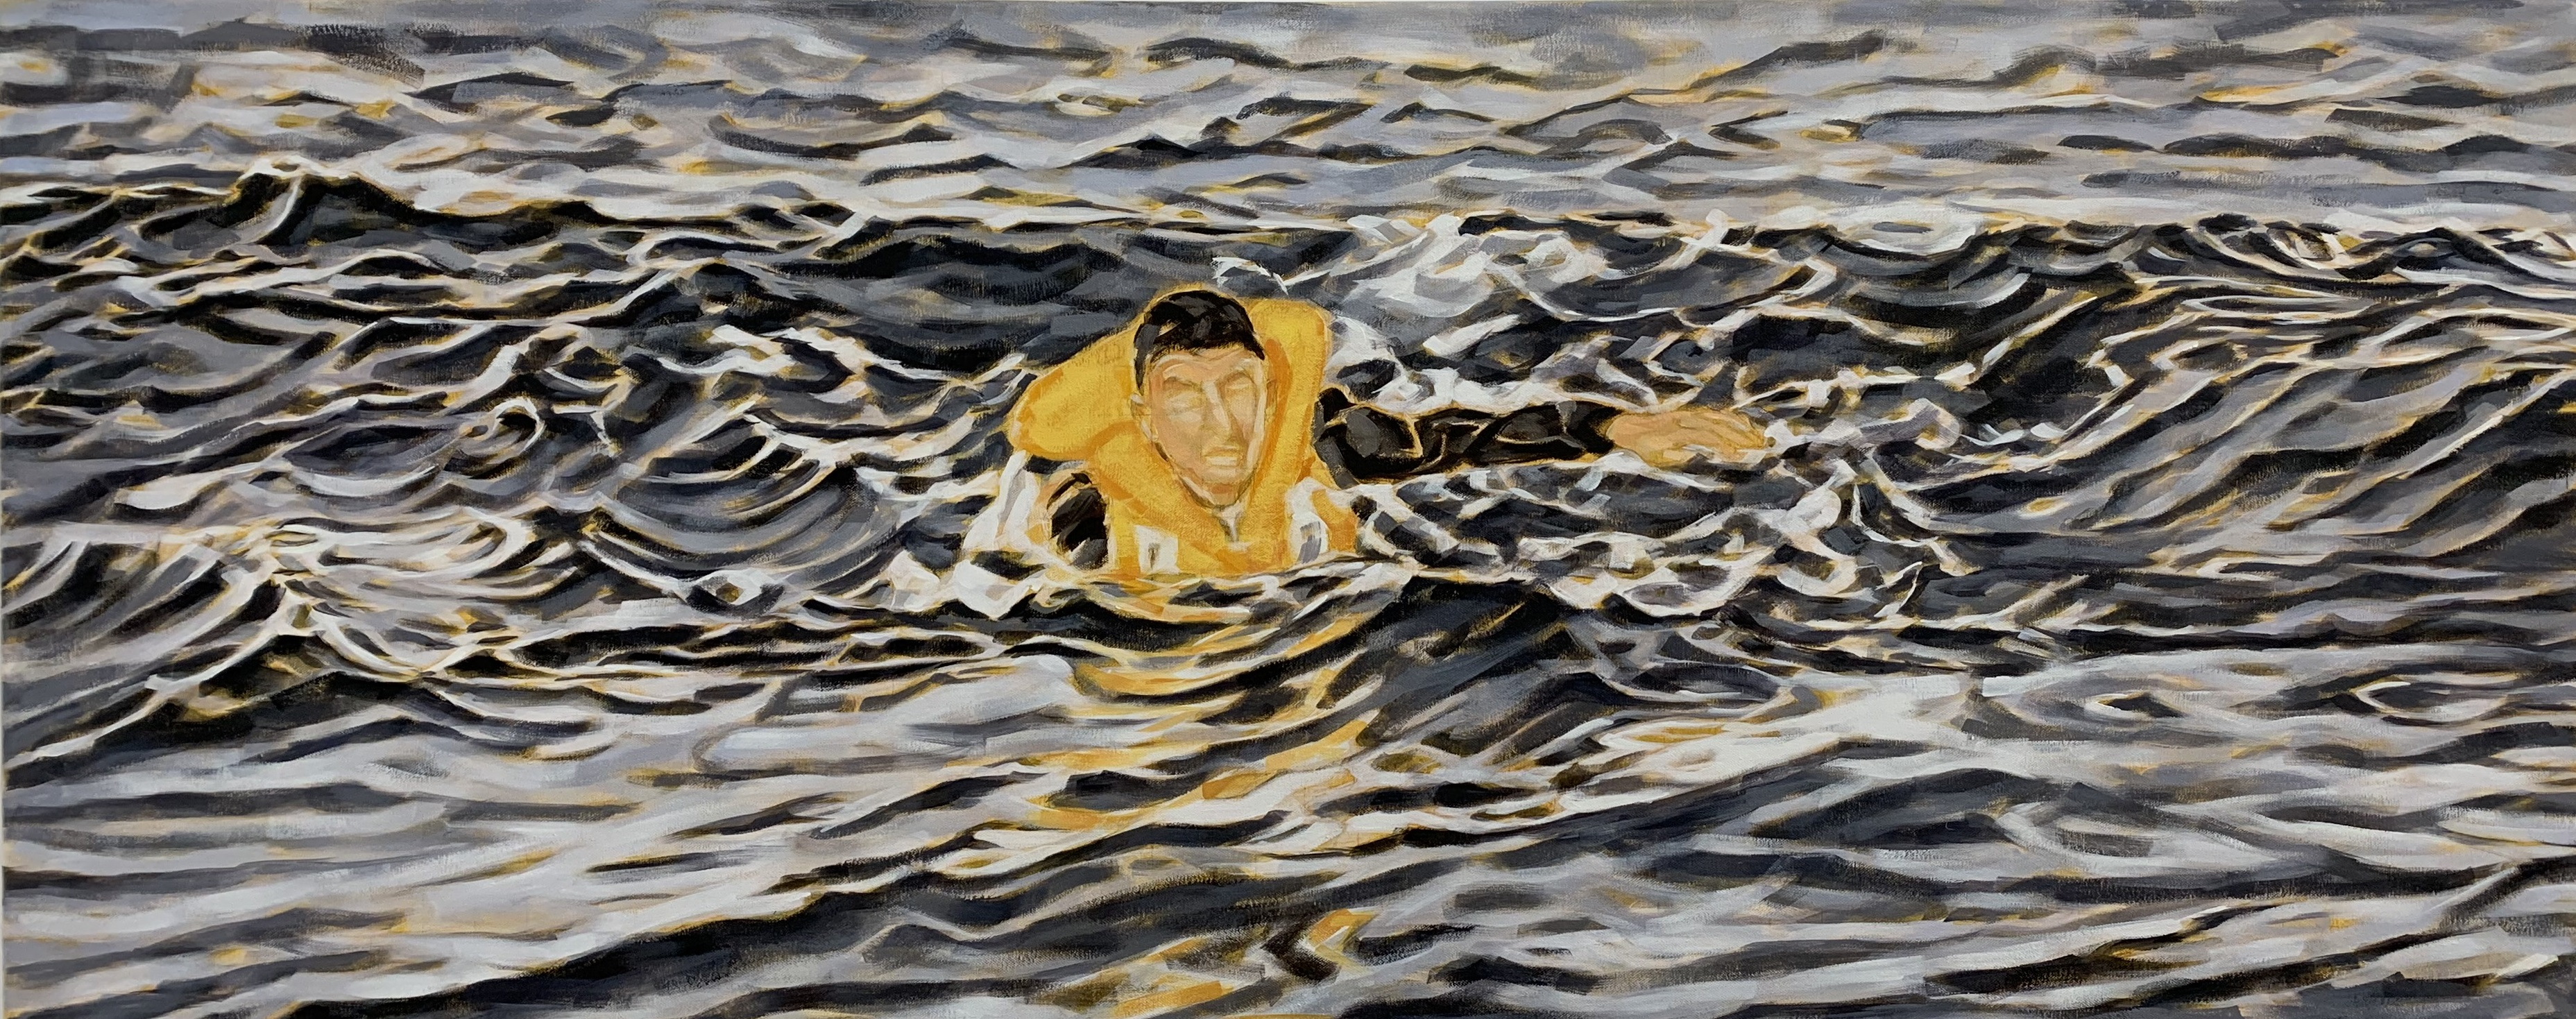 """""""Welle"""", Öl auf Leinwand, 60x150 cm, 2020"""